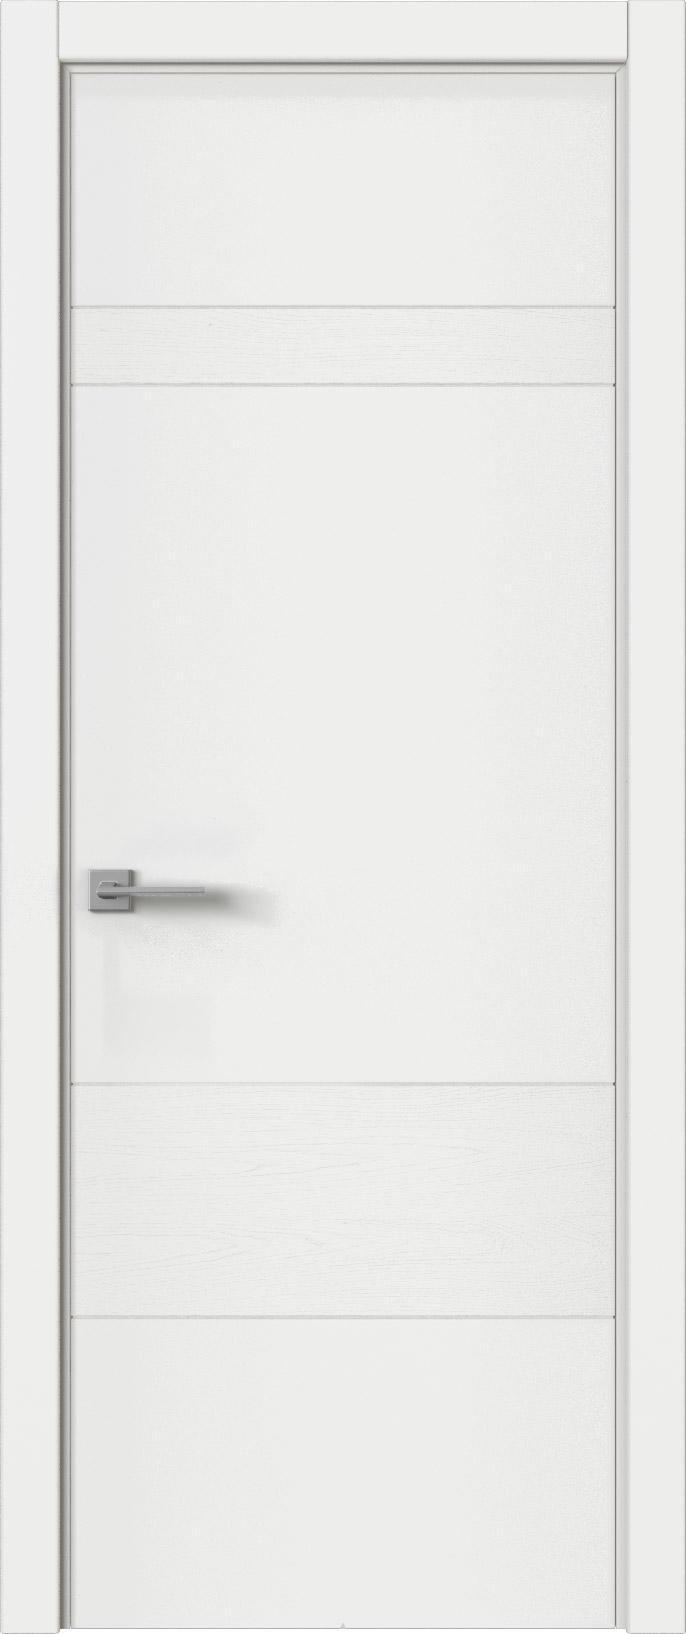 Tivoli К-2 цвет - Белая эмаль-эмаль по шпону (RAL 9003) Без стекла (ДГ)